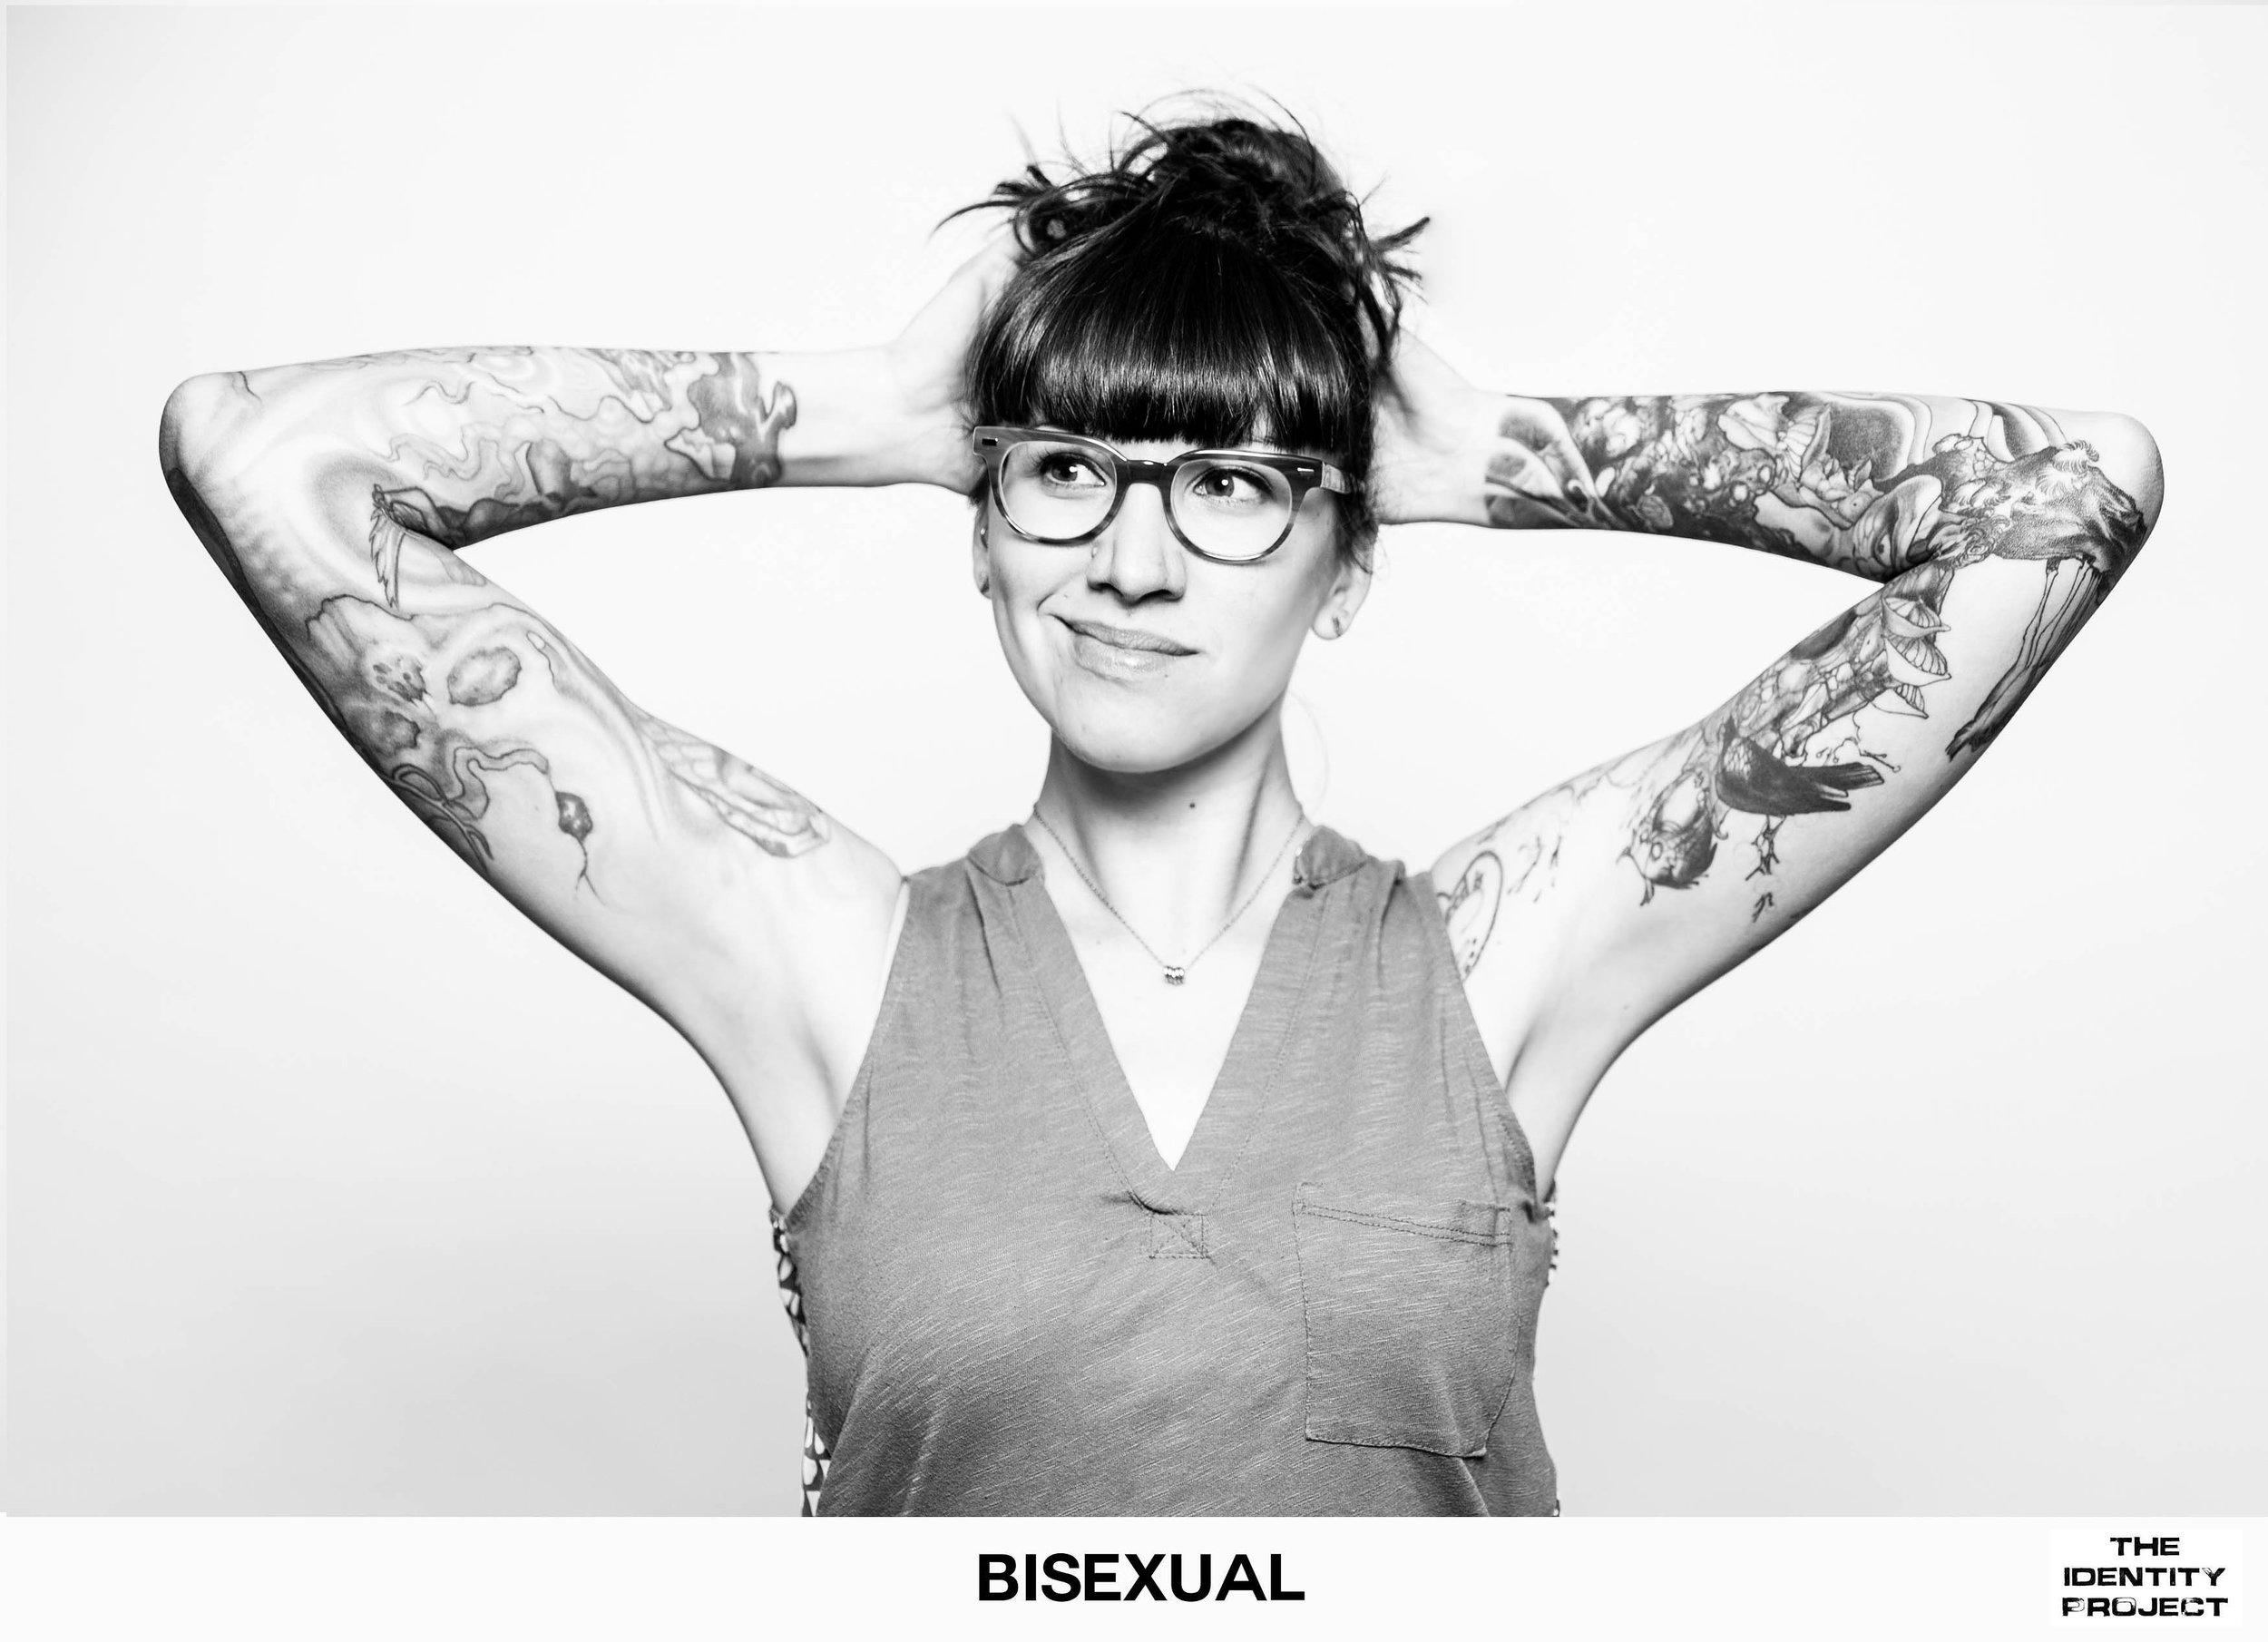 bisexual.jpg